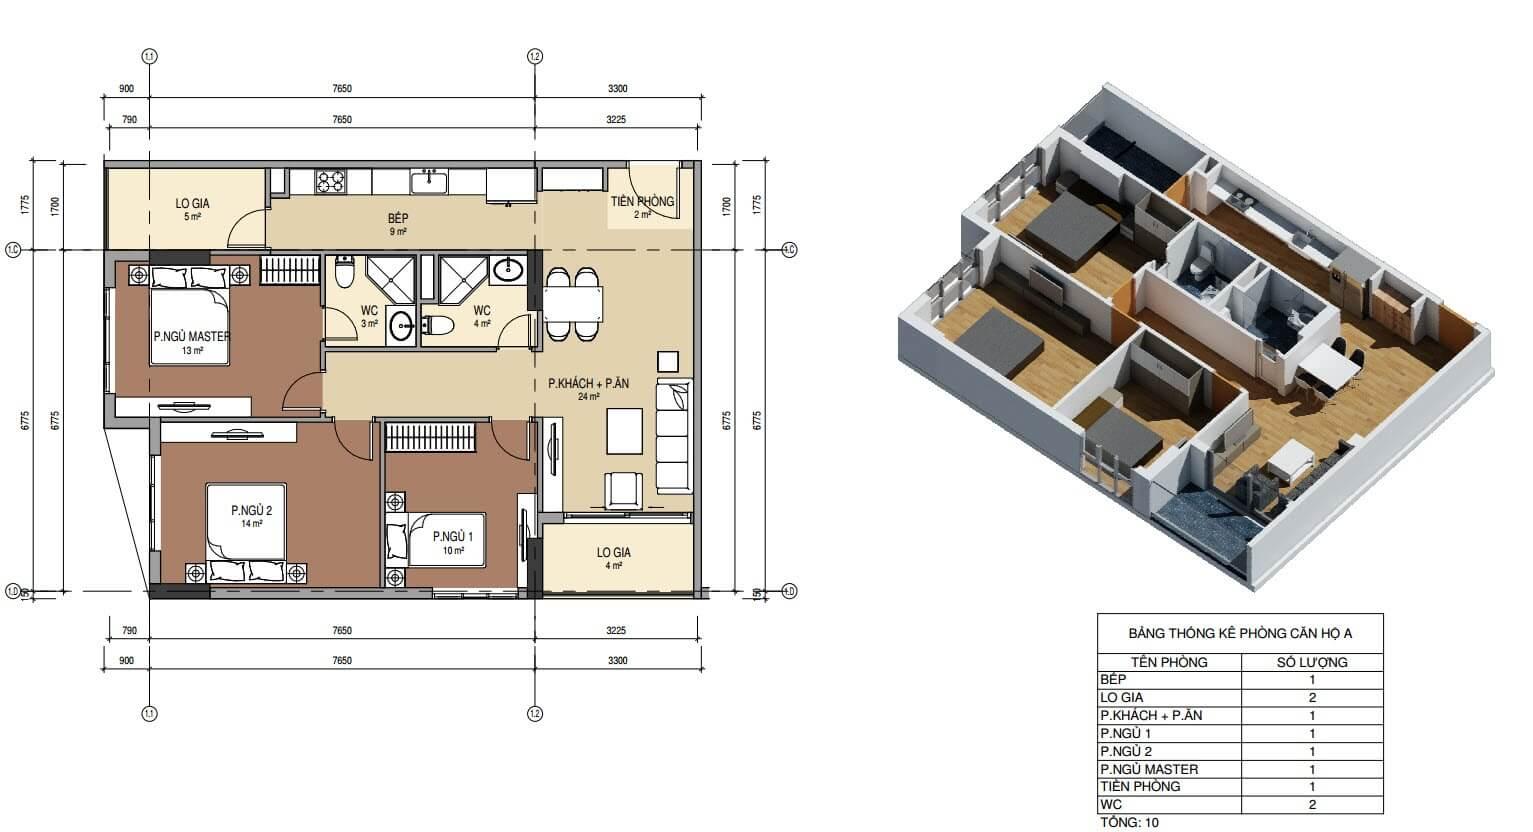 Nên mua các căn hộ có thiết kế hợp lý.